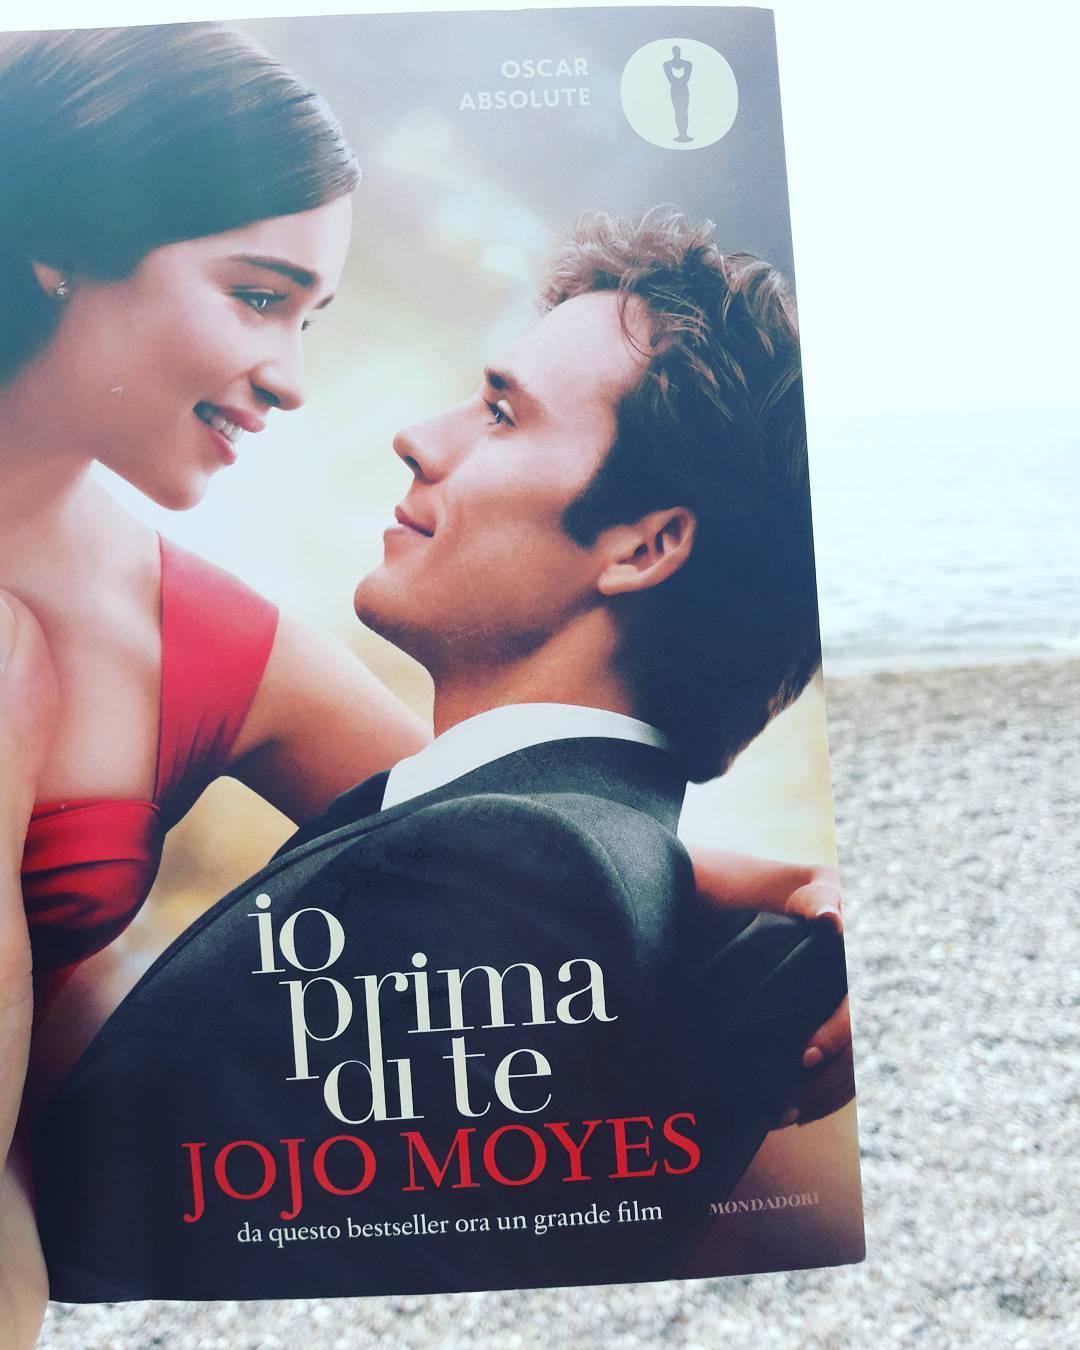 La mia lettura da spiaggia  Che ne pensate? Lohellip